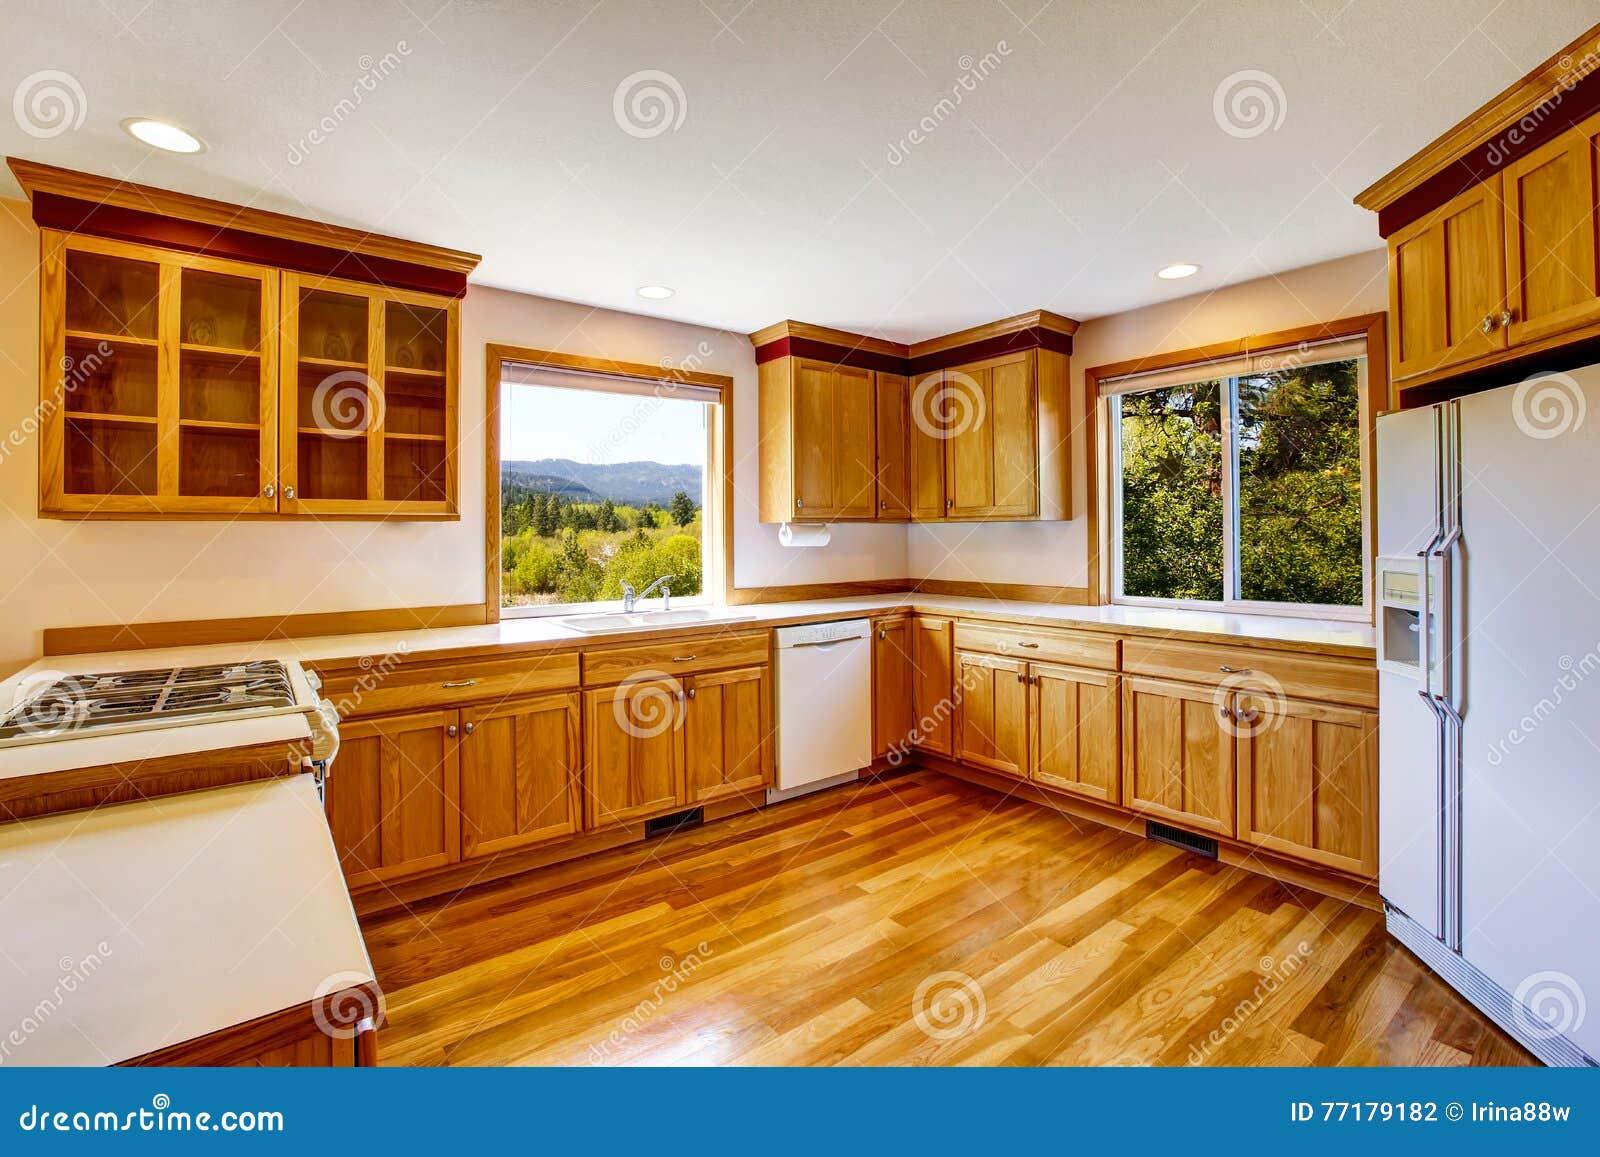 Armadi da cucina marrone chiaro apparecchi bianchi e - Armadi da cucina ...